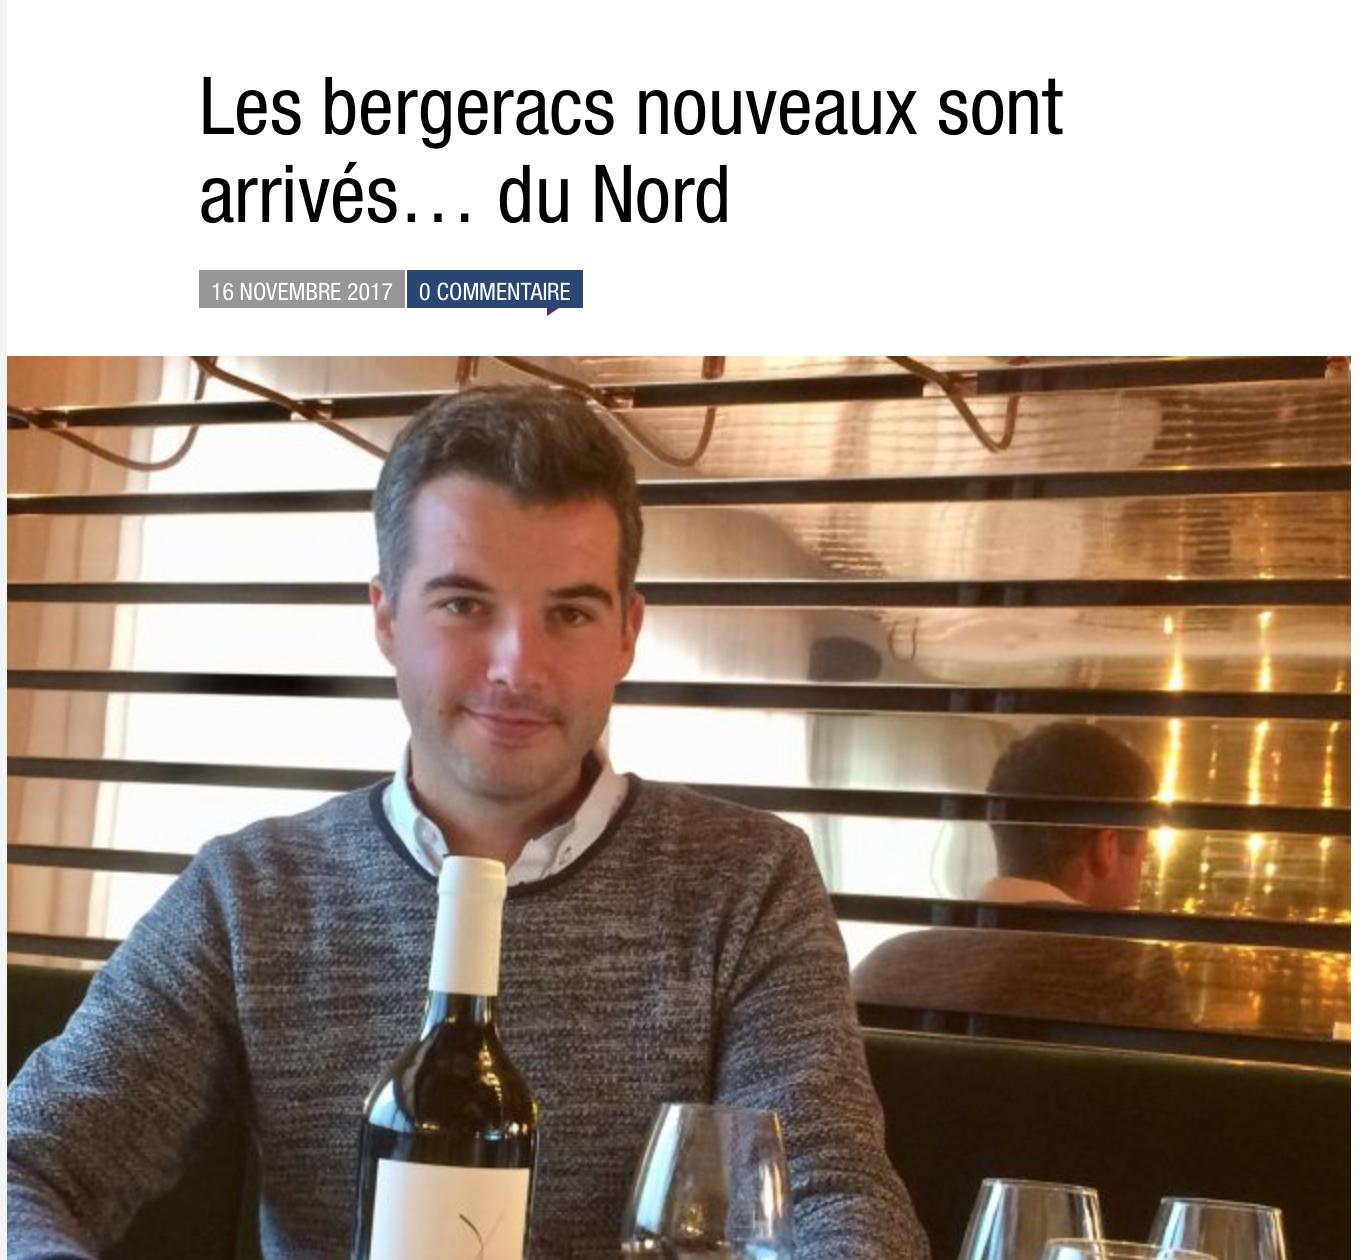 Les bergeracs nouveaux sont arrivés… du Nord – Magazine Terres de Vin (France)